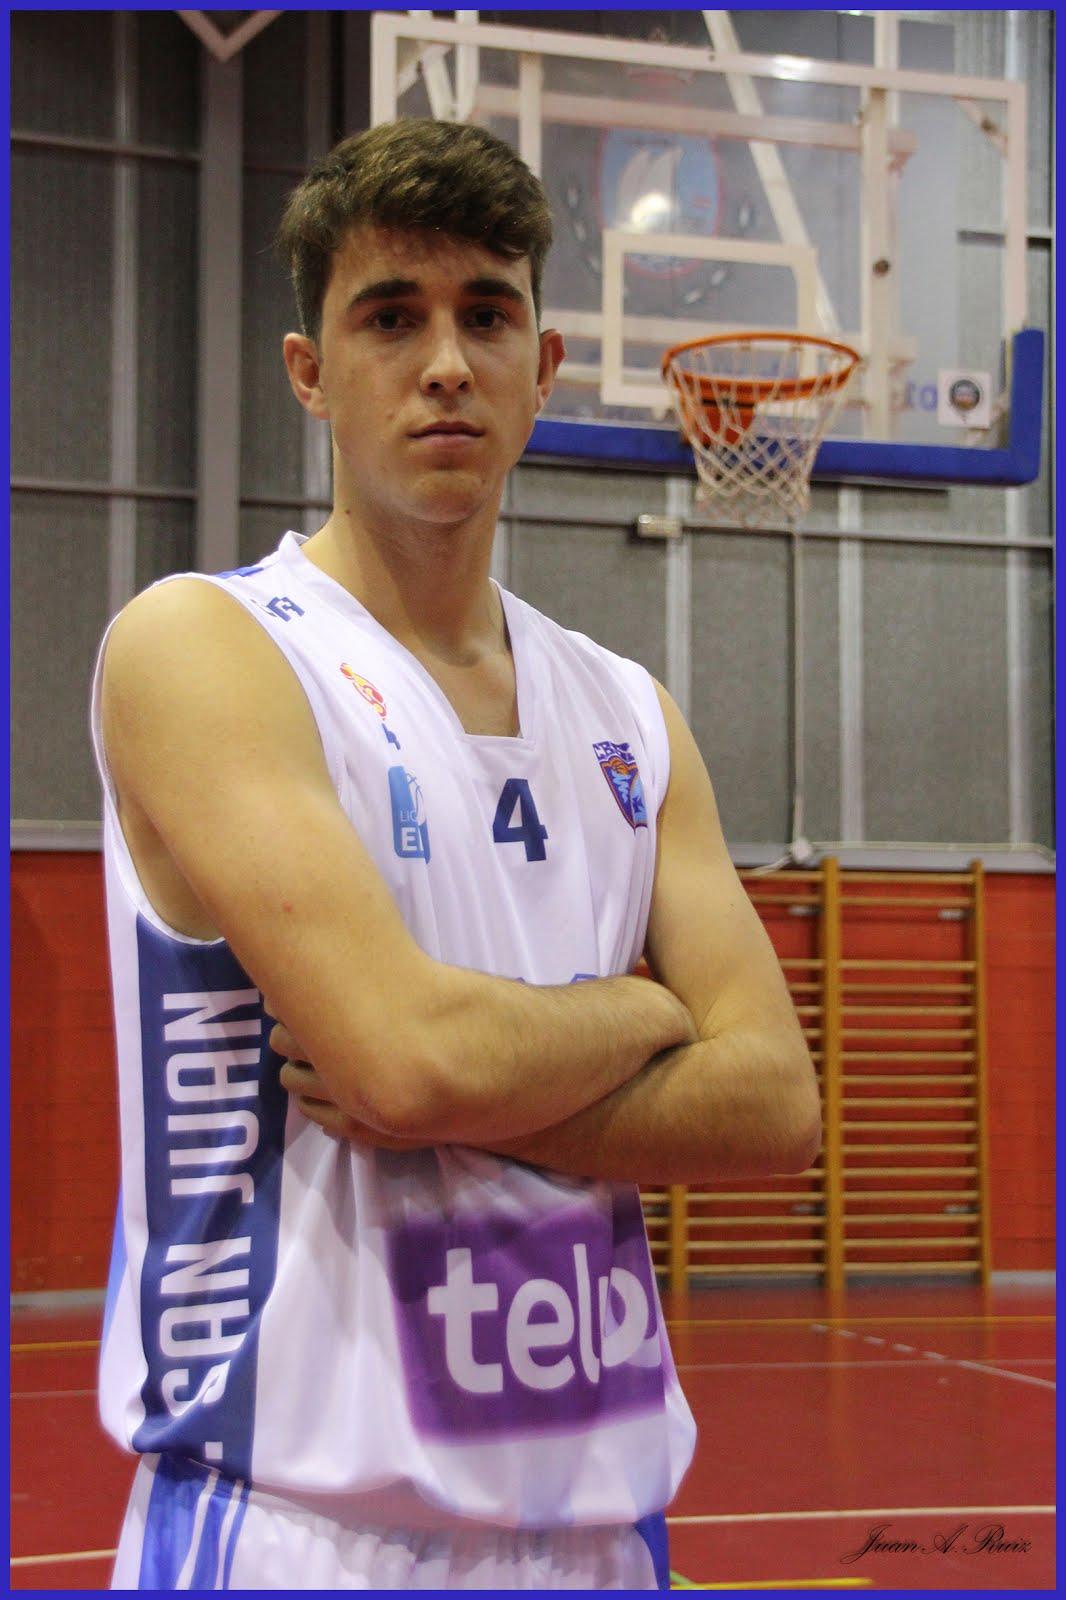 GONZALO DOMINGUEZ